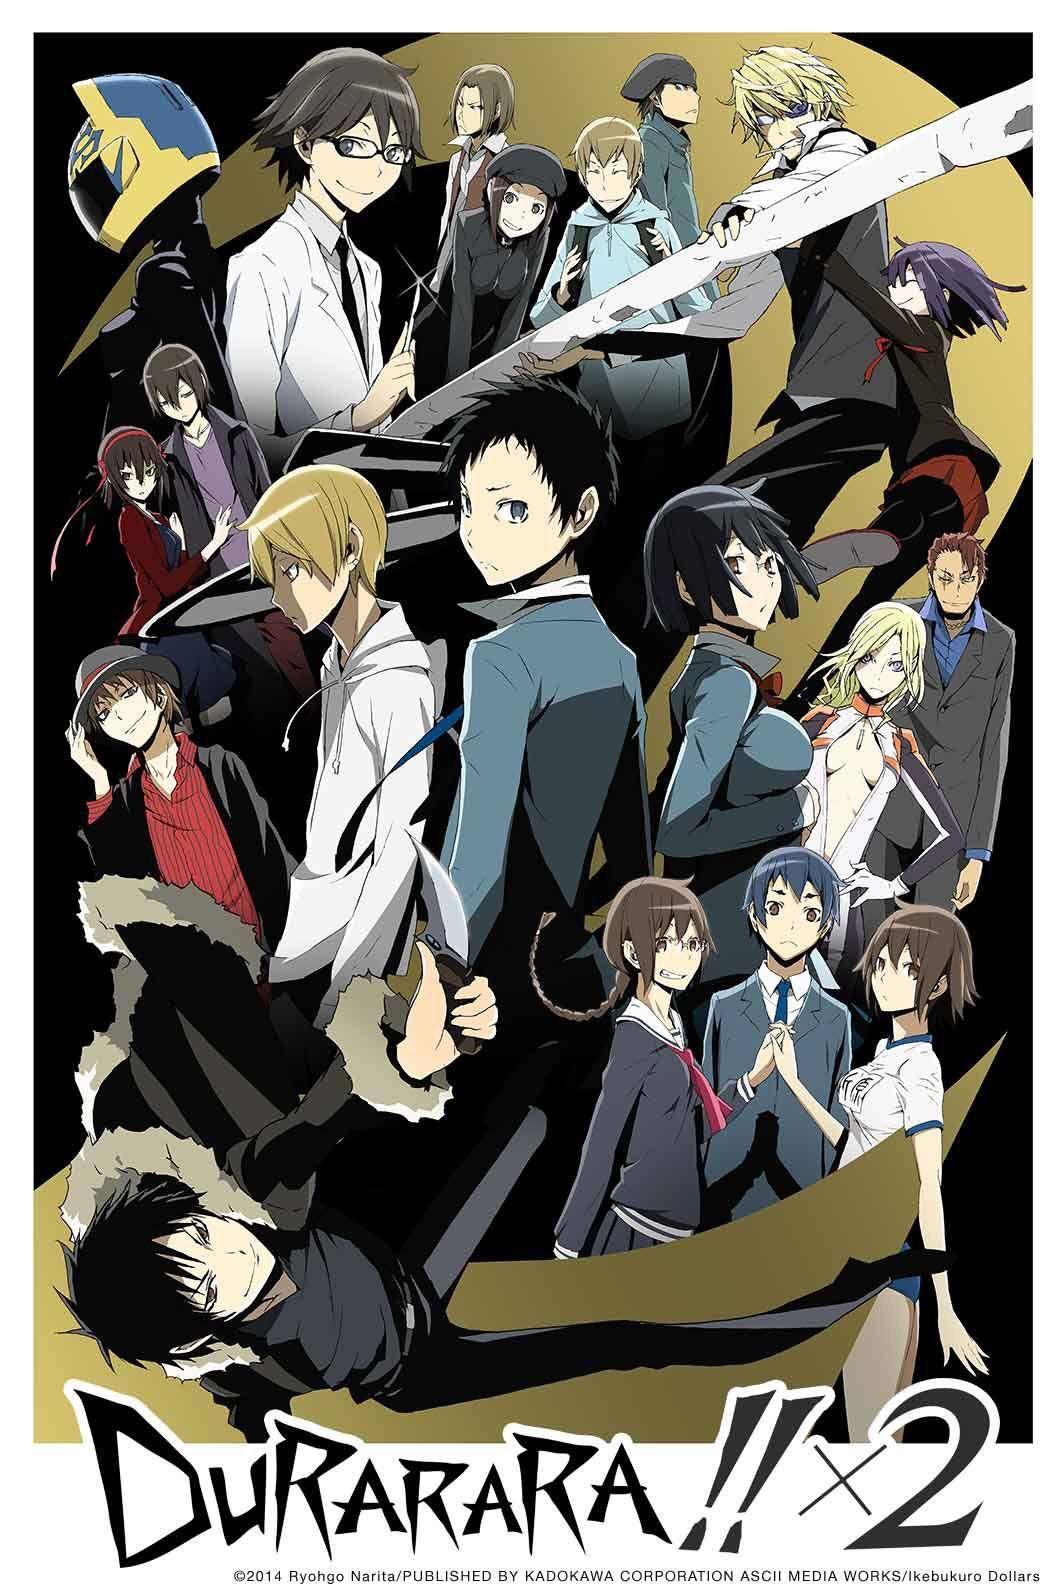 Durarararar Anime namen, Anime serien, Anime